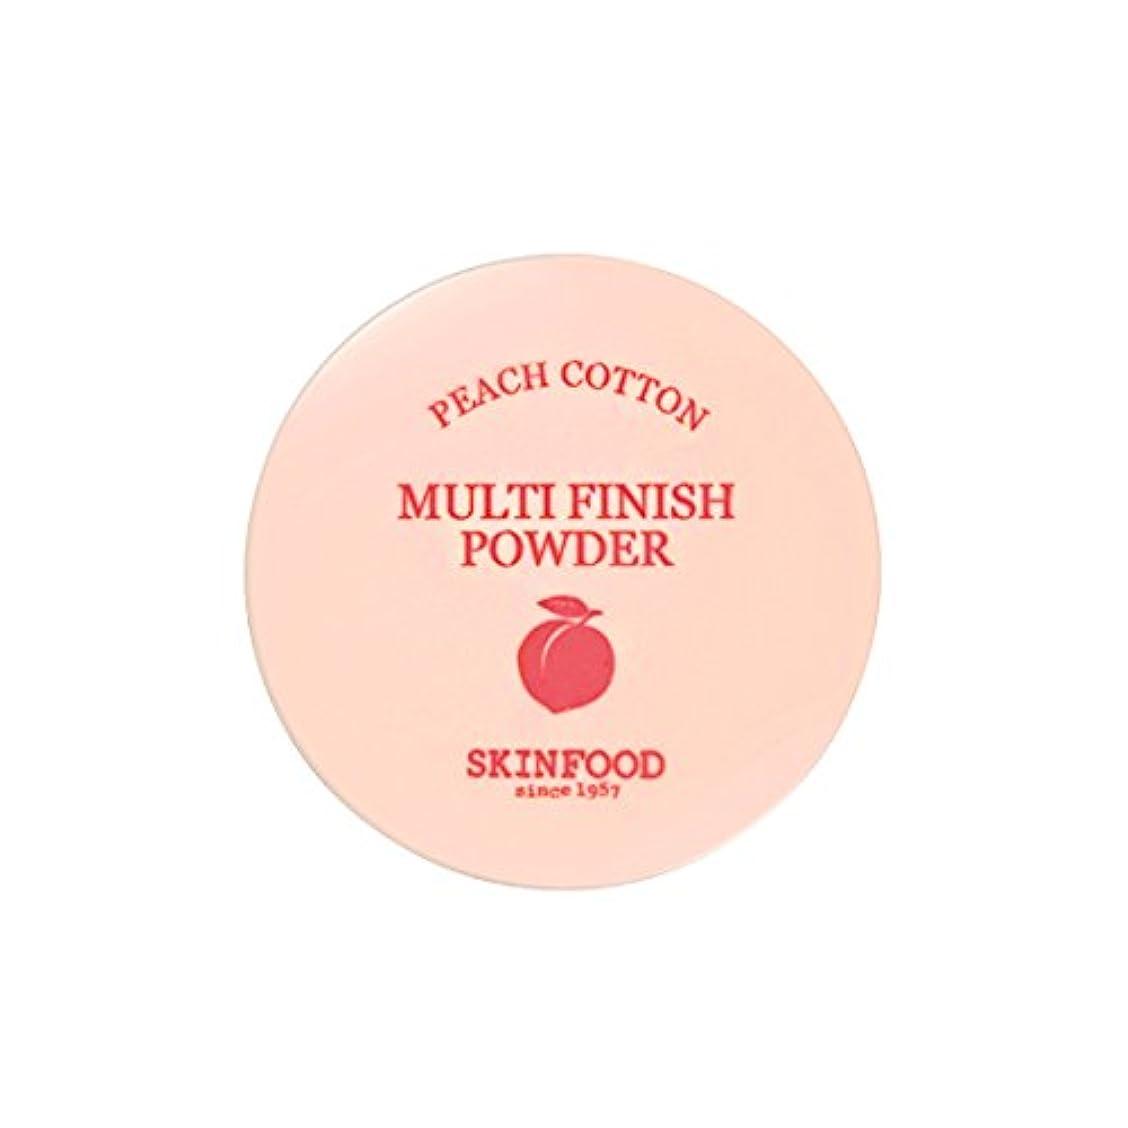 問い合わせレジ毒液[New] SKINFOOD Peach Cotton Multi Finish Powder/スキンフード ピーチ コットン マルチ フィニッシュ パウダー (#小容量:5g) [並行輸入品]